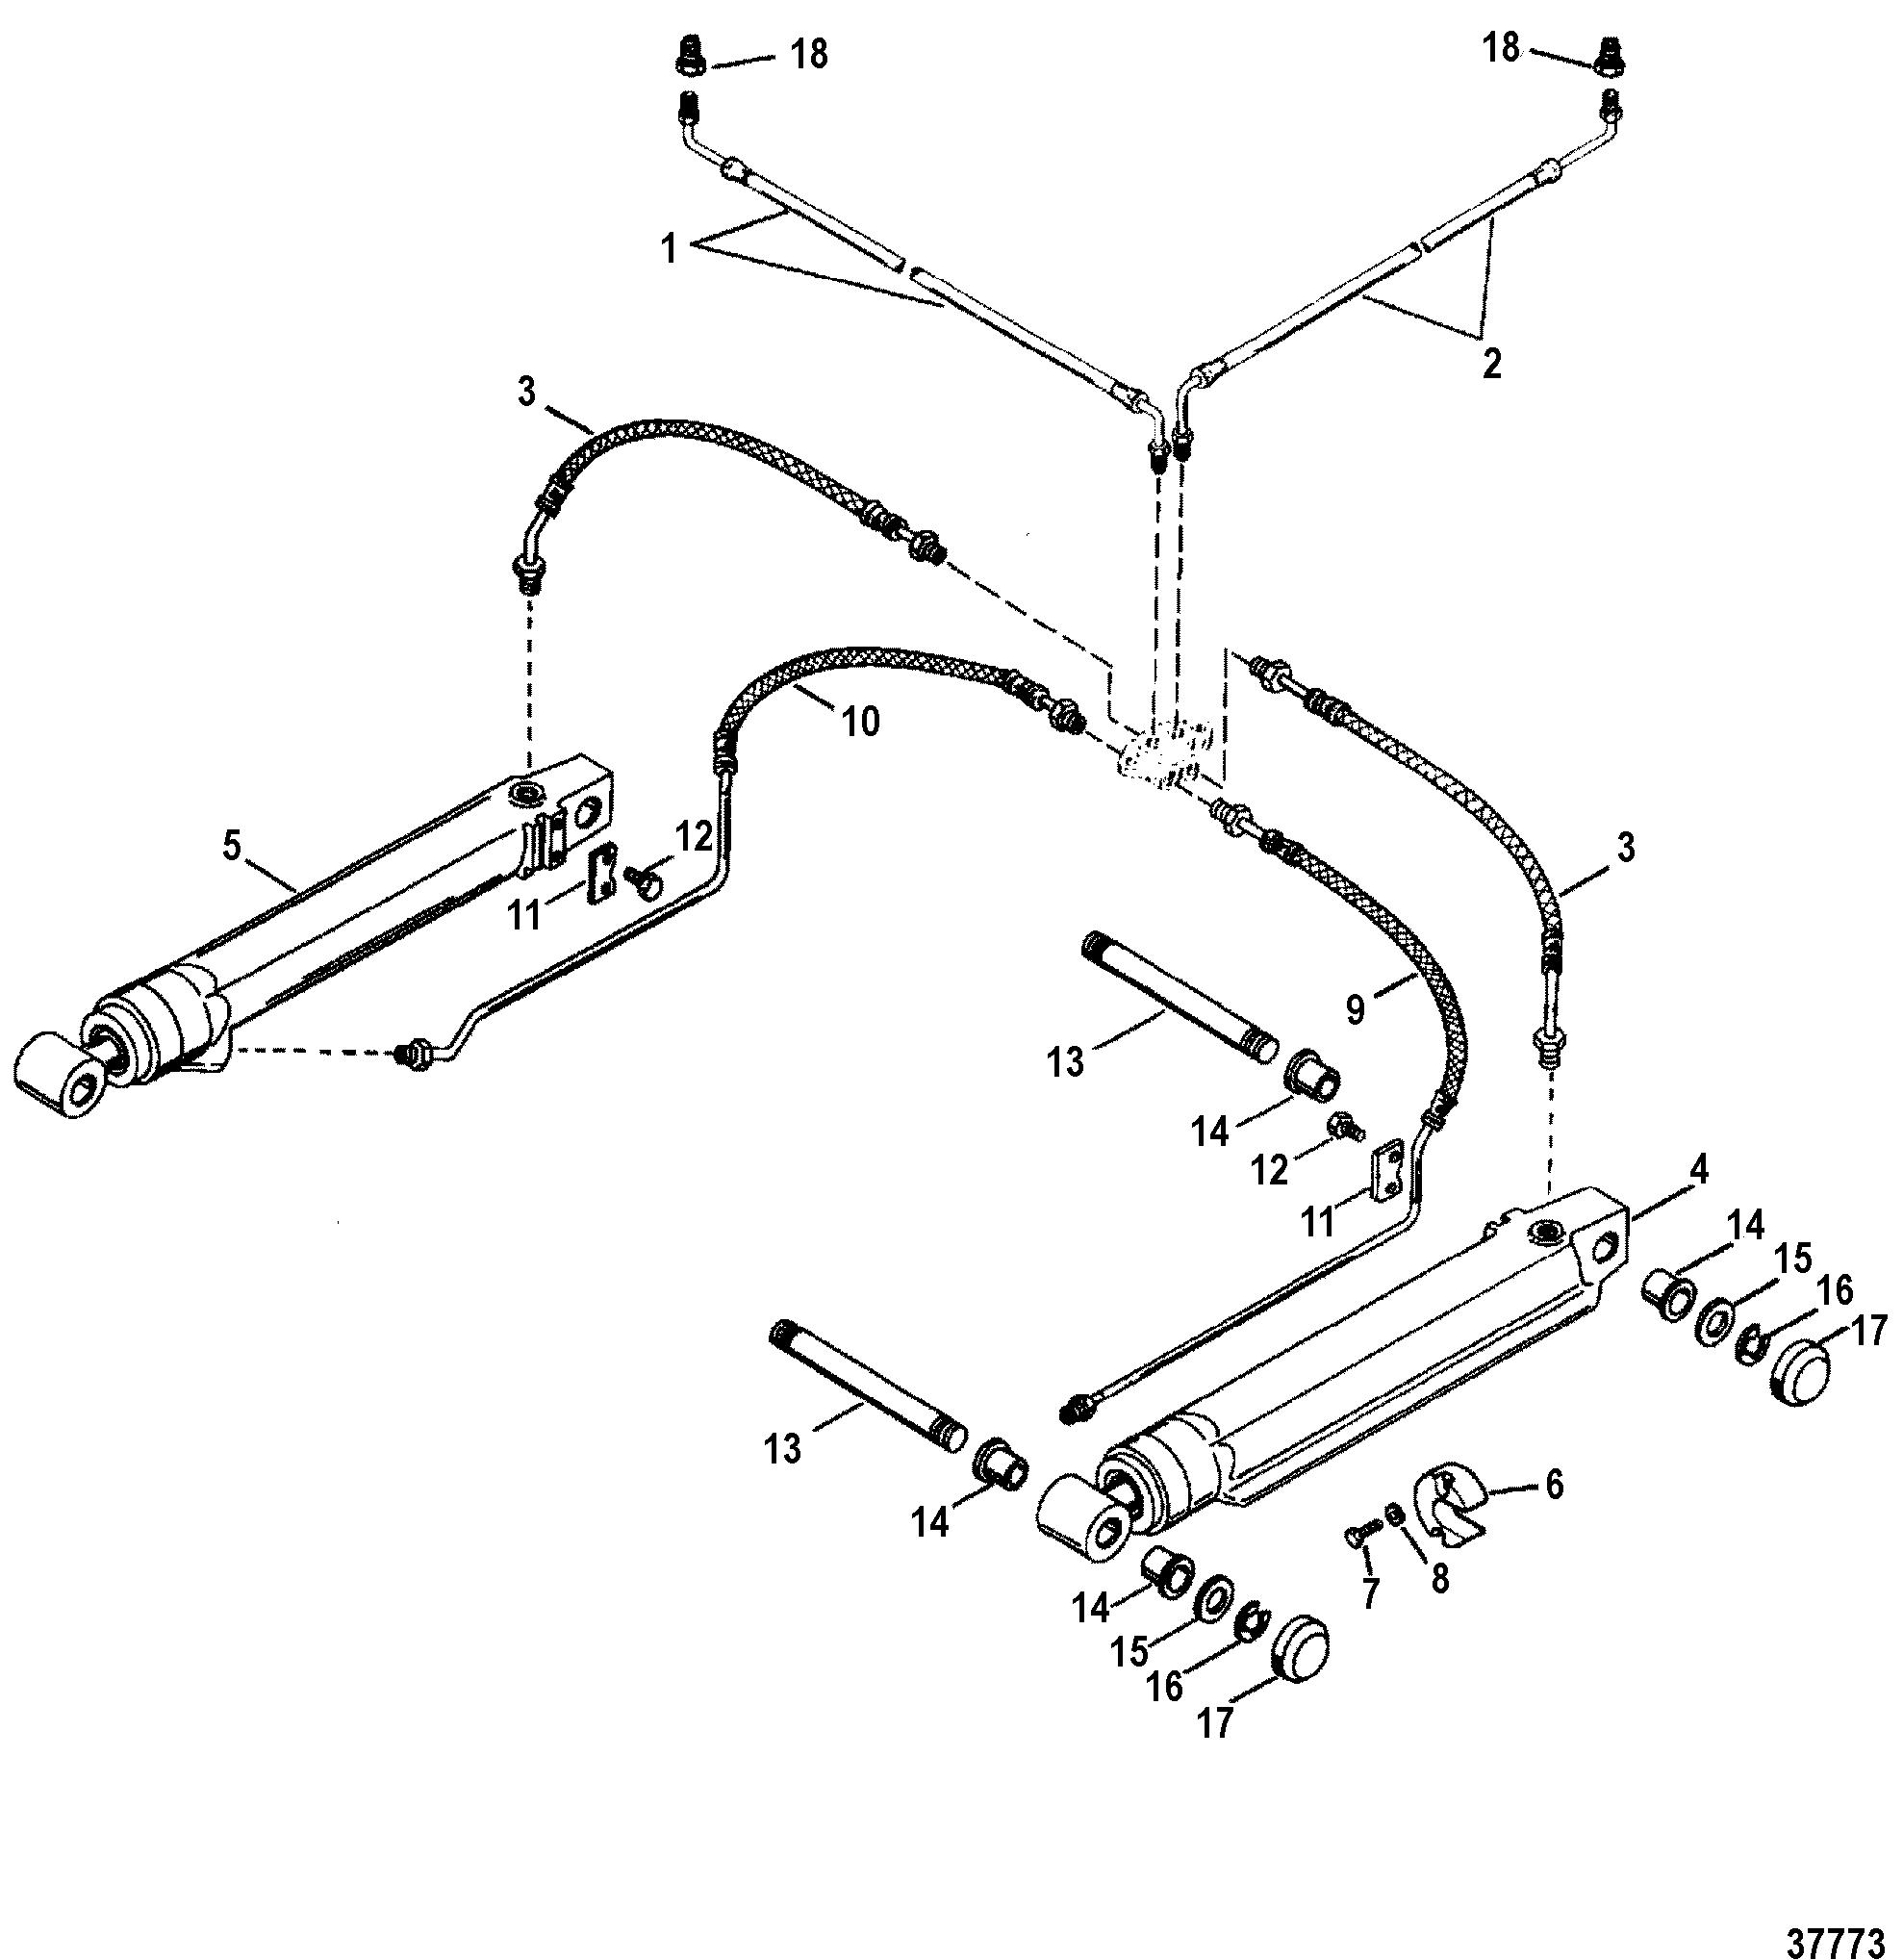 OEM Mercruiser Alpha Gen 2 trim pin shaft  17-815953A01